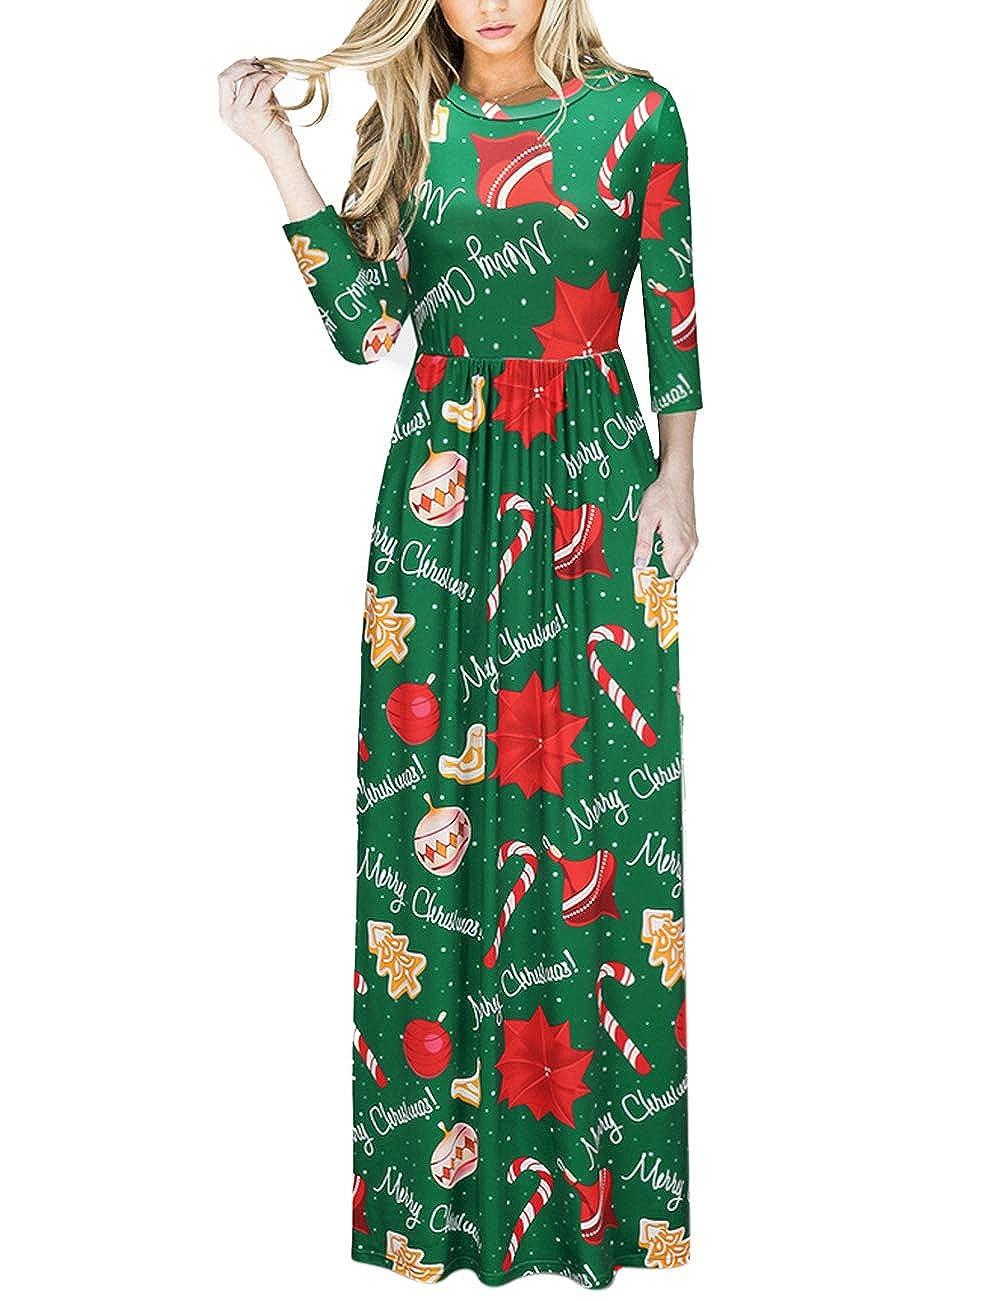 FUVOYA Vestido de Navidad para Mujer Fiesta de Navidad con Estampado de Navidad Vestido Largo y Largo de Navidad Feo